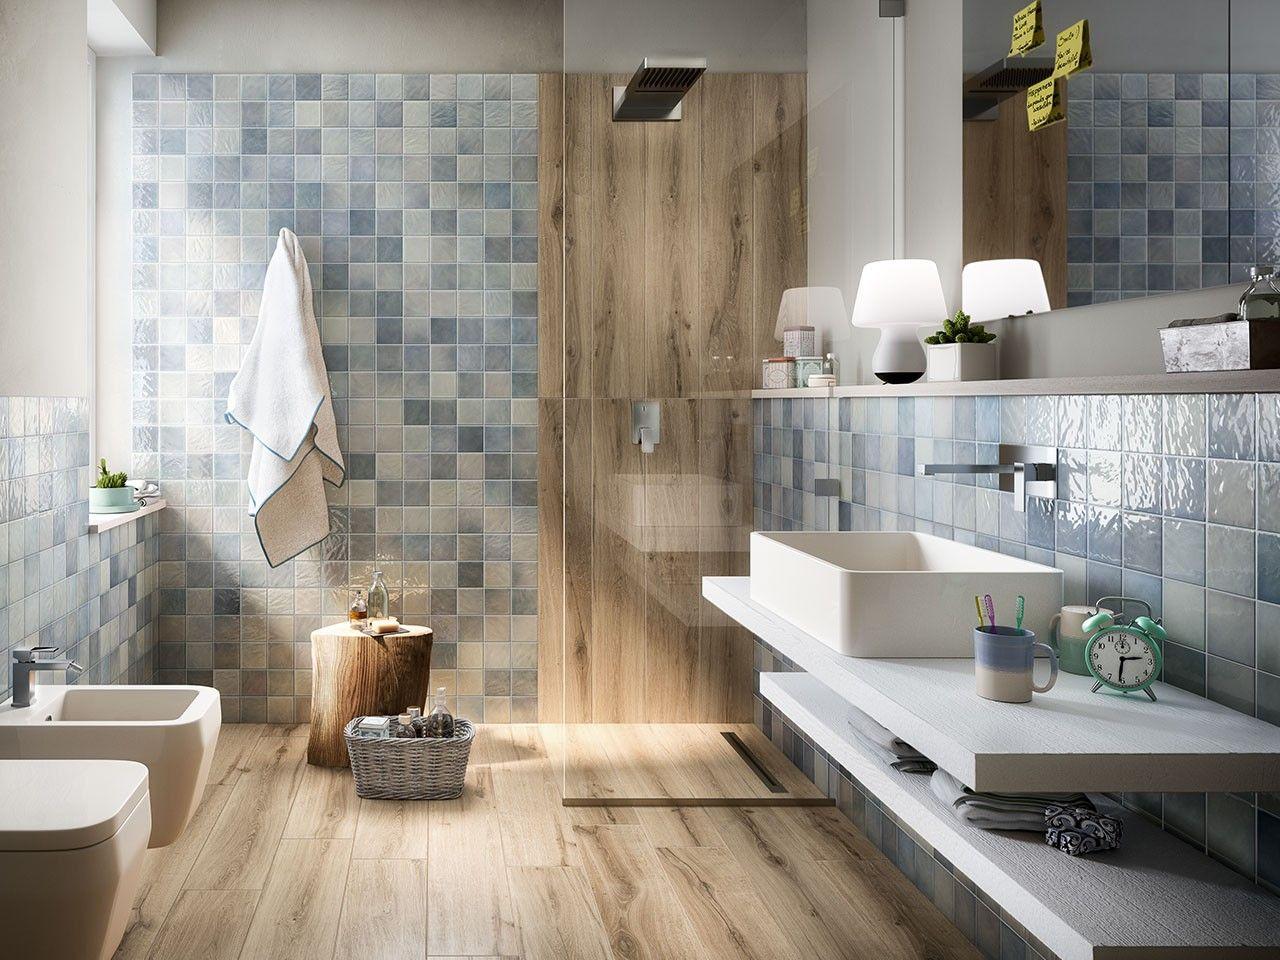 Bagno di romagna terme specchio per bagno arcom bagni bagni e